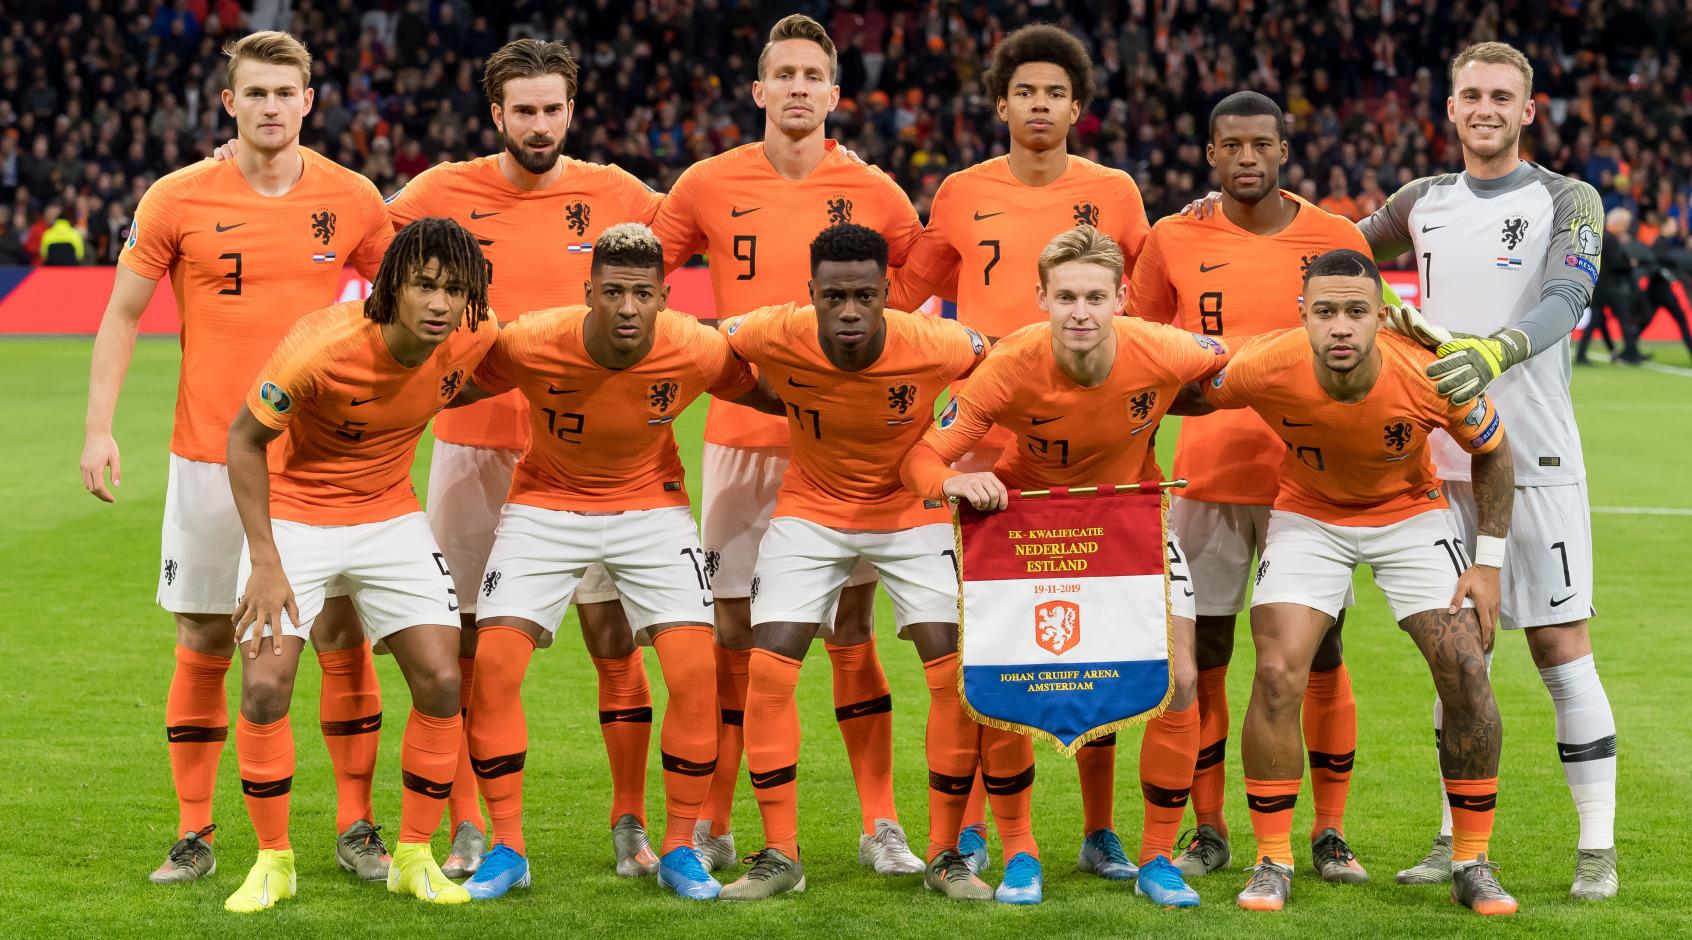 АФС: у сборной Нидерландов есть проблемная зона